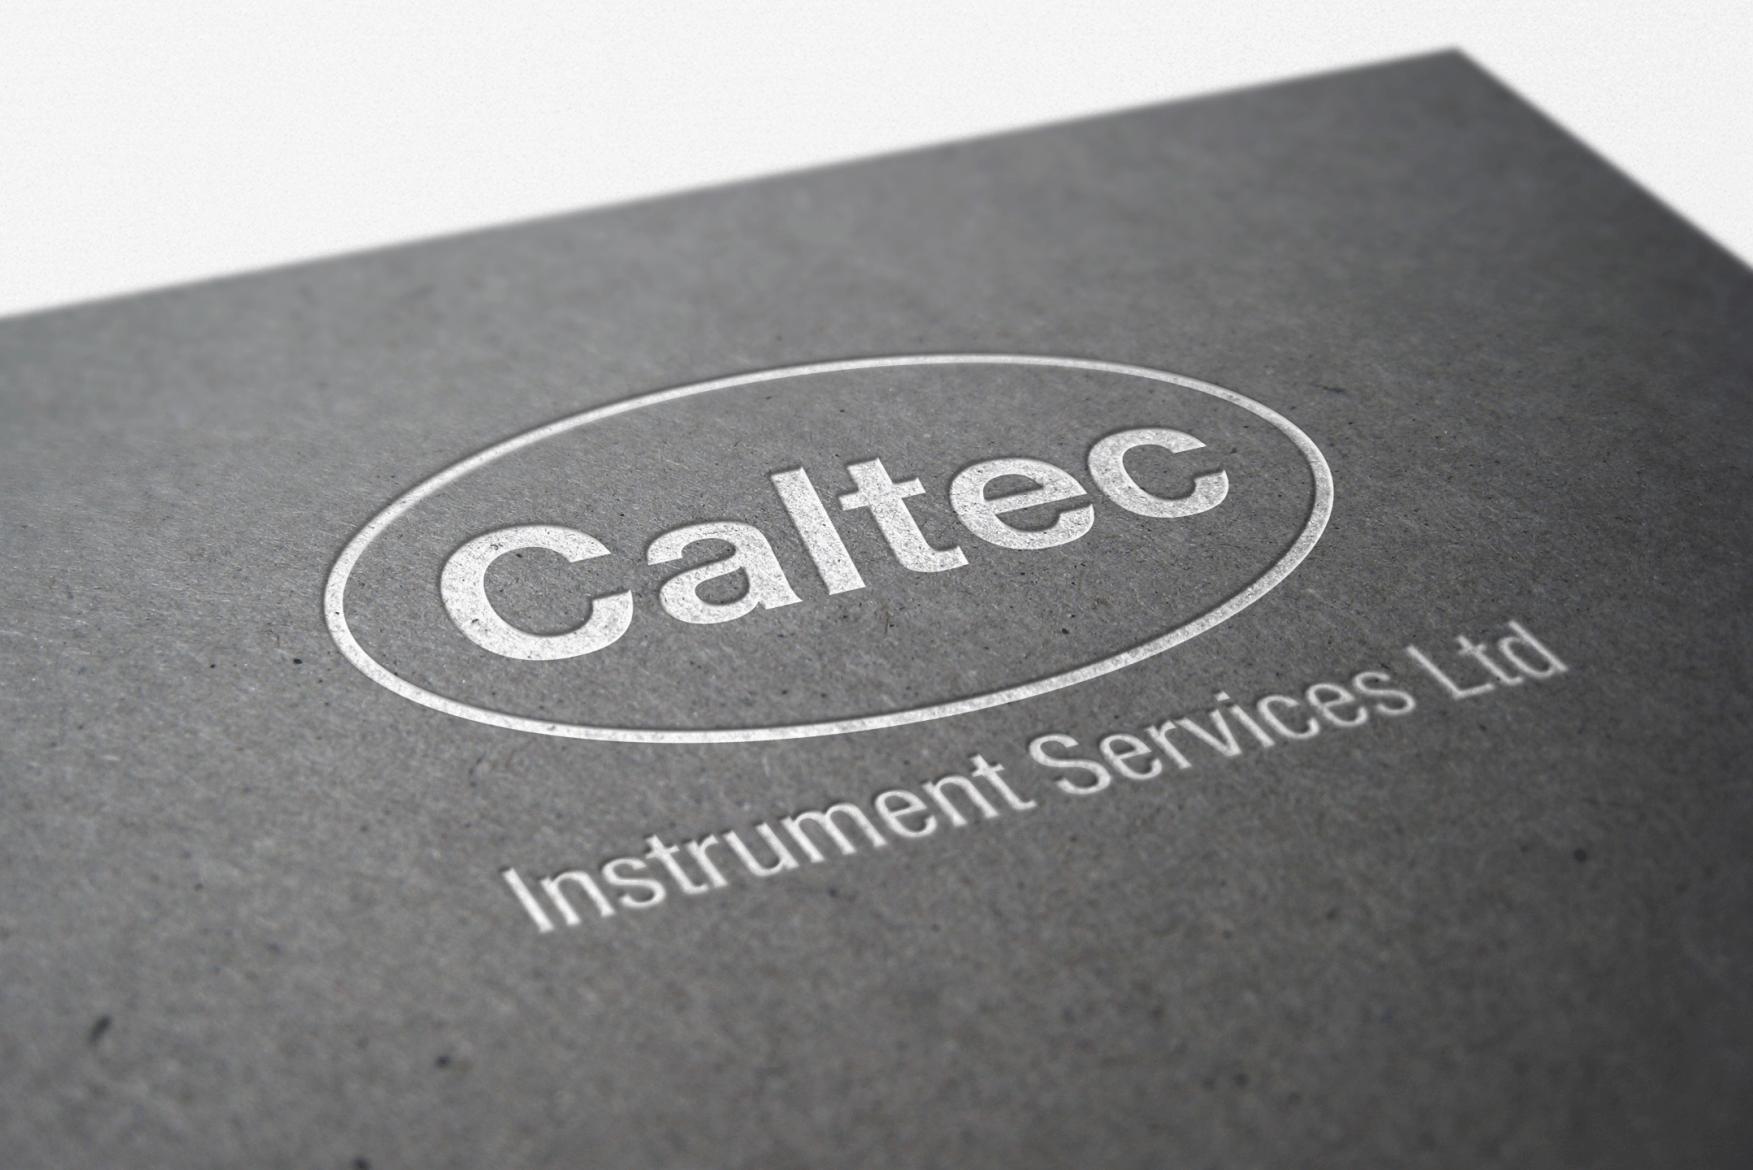 Caltec-tile-3